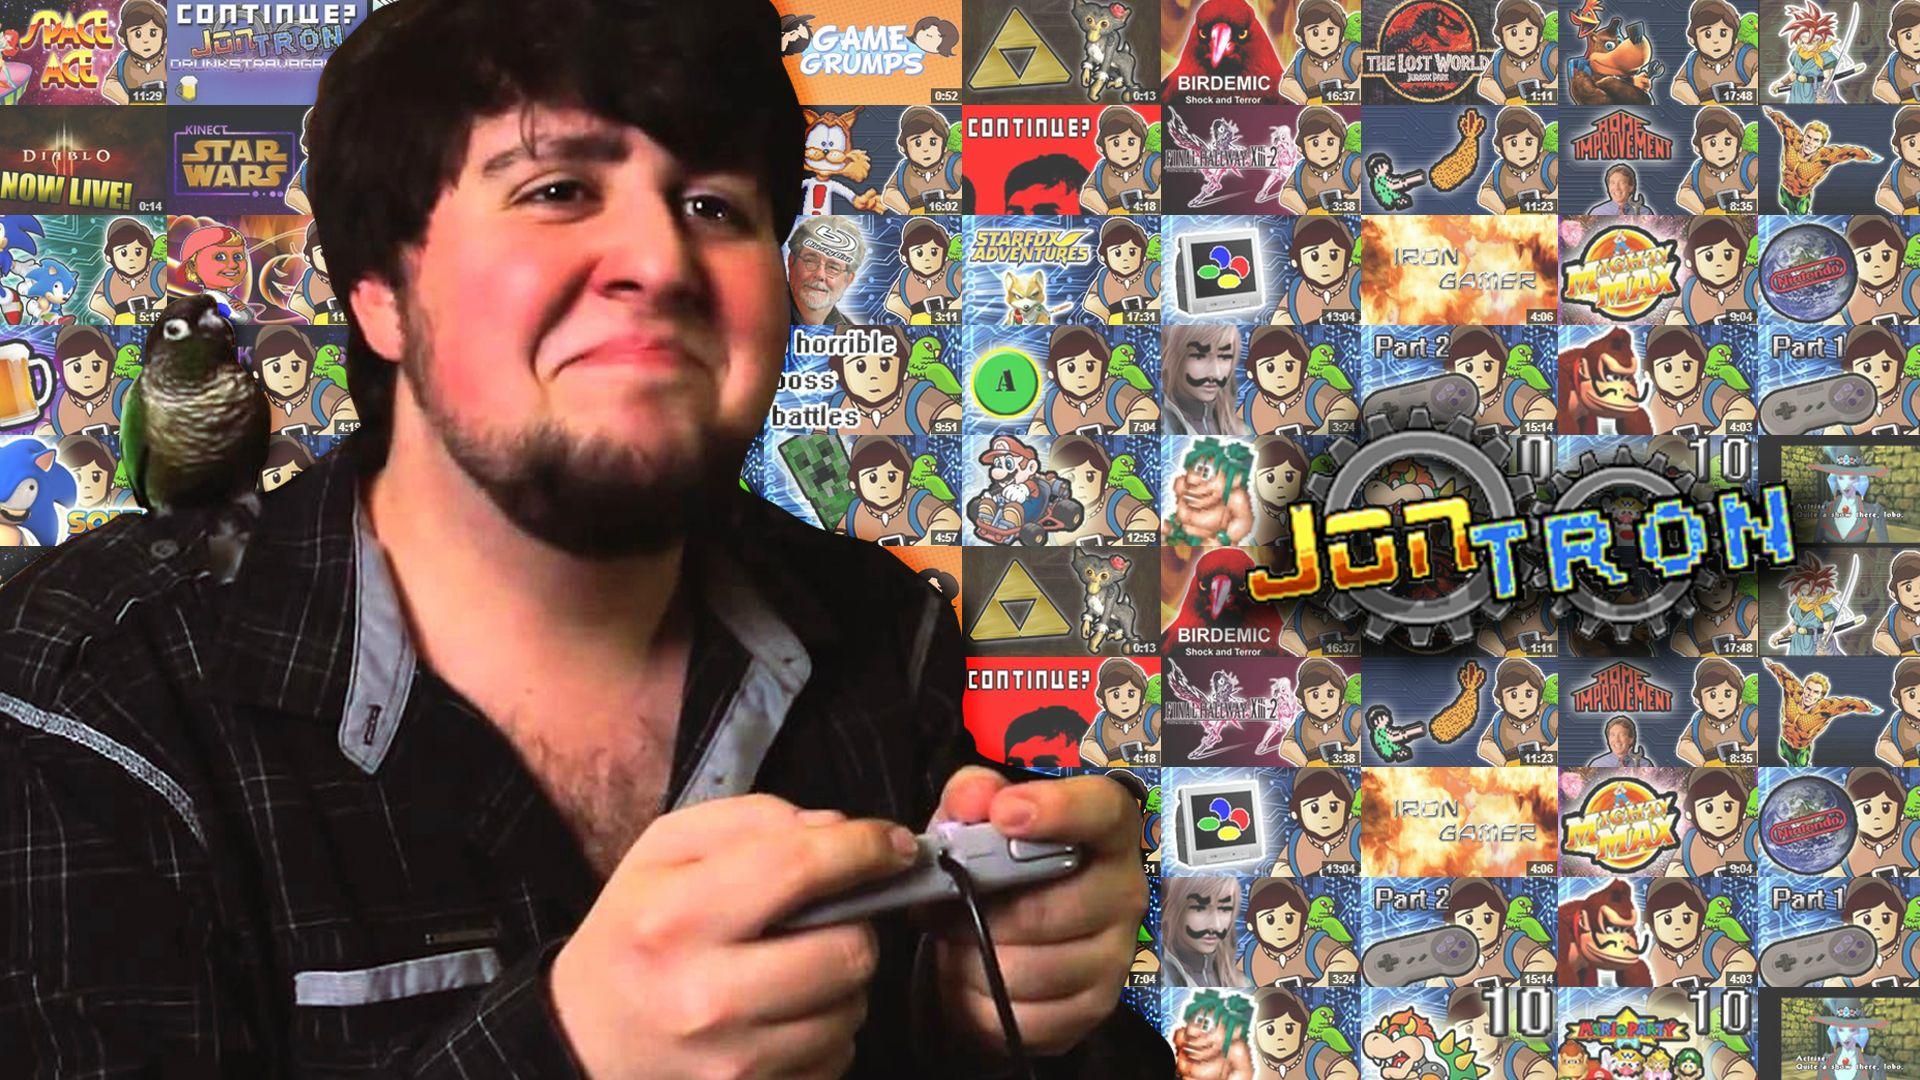 JonTronShow